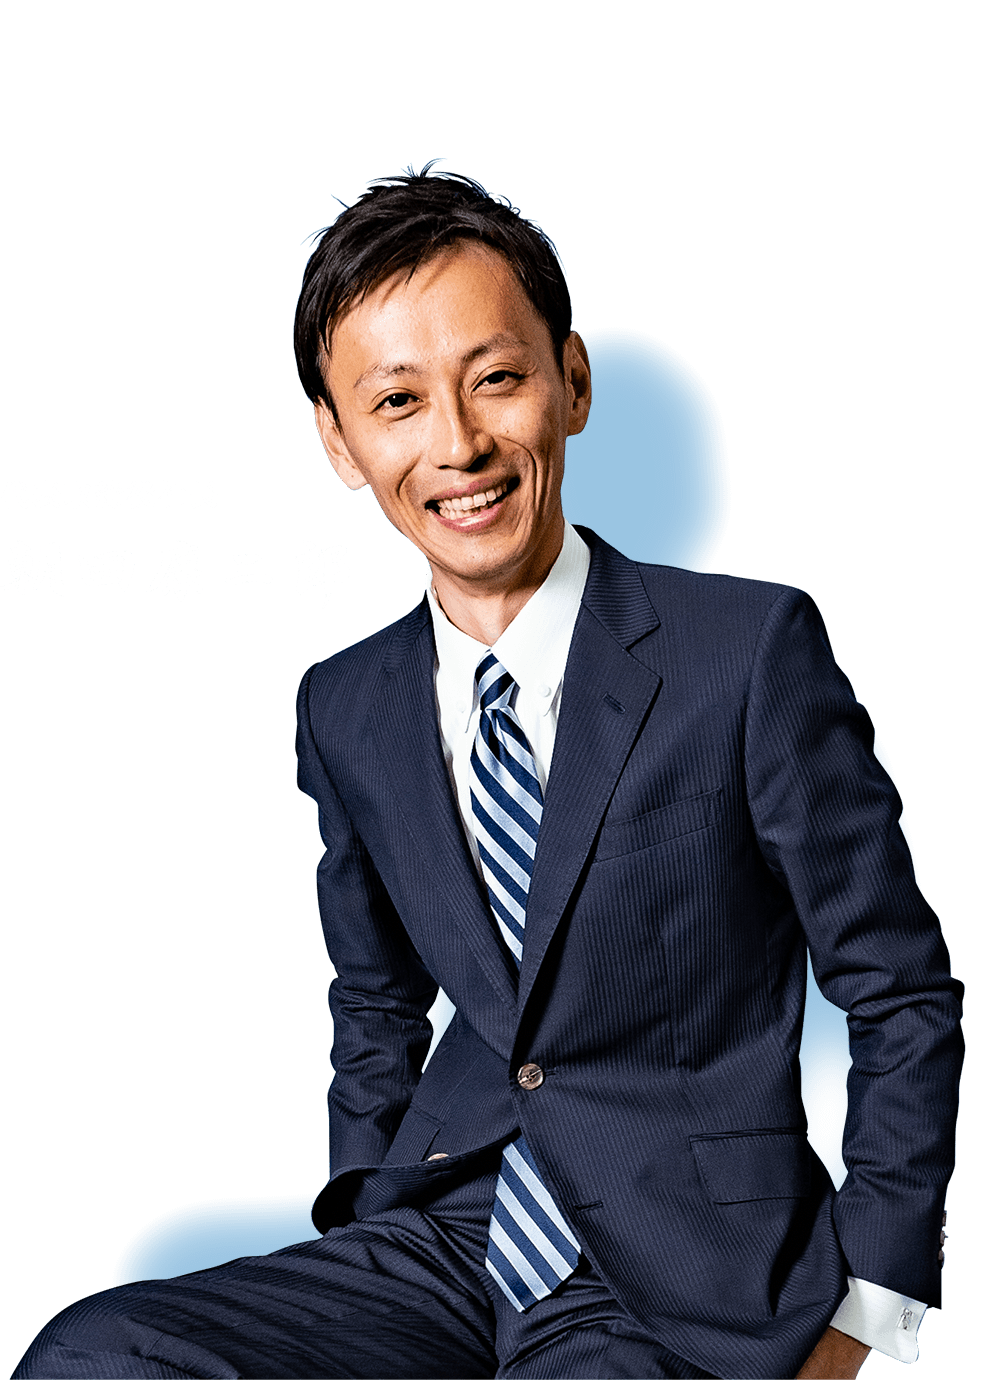 代表取締役社長 朝田 康二郎